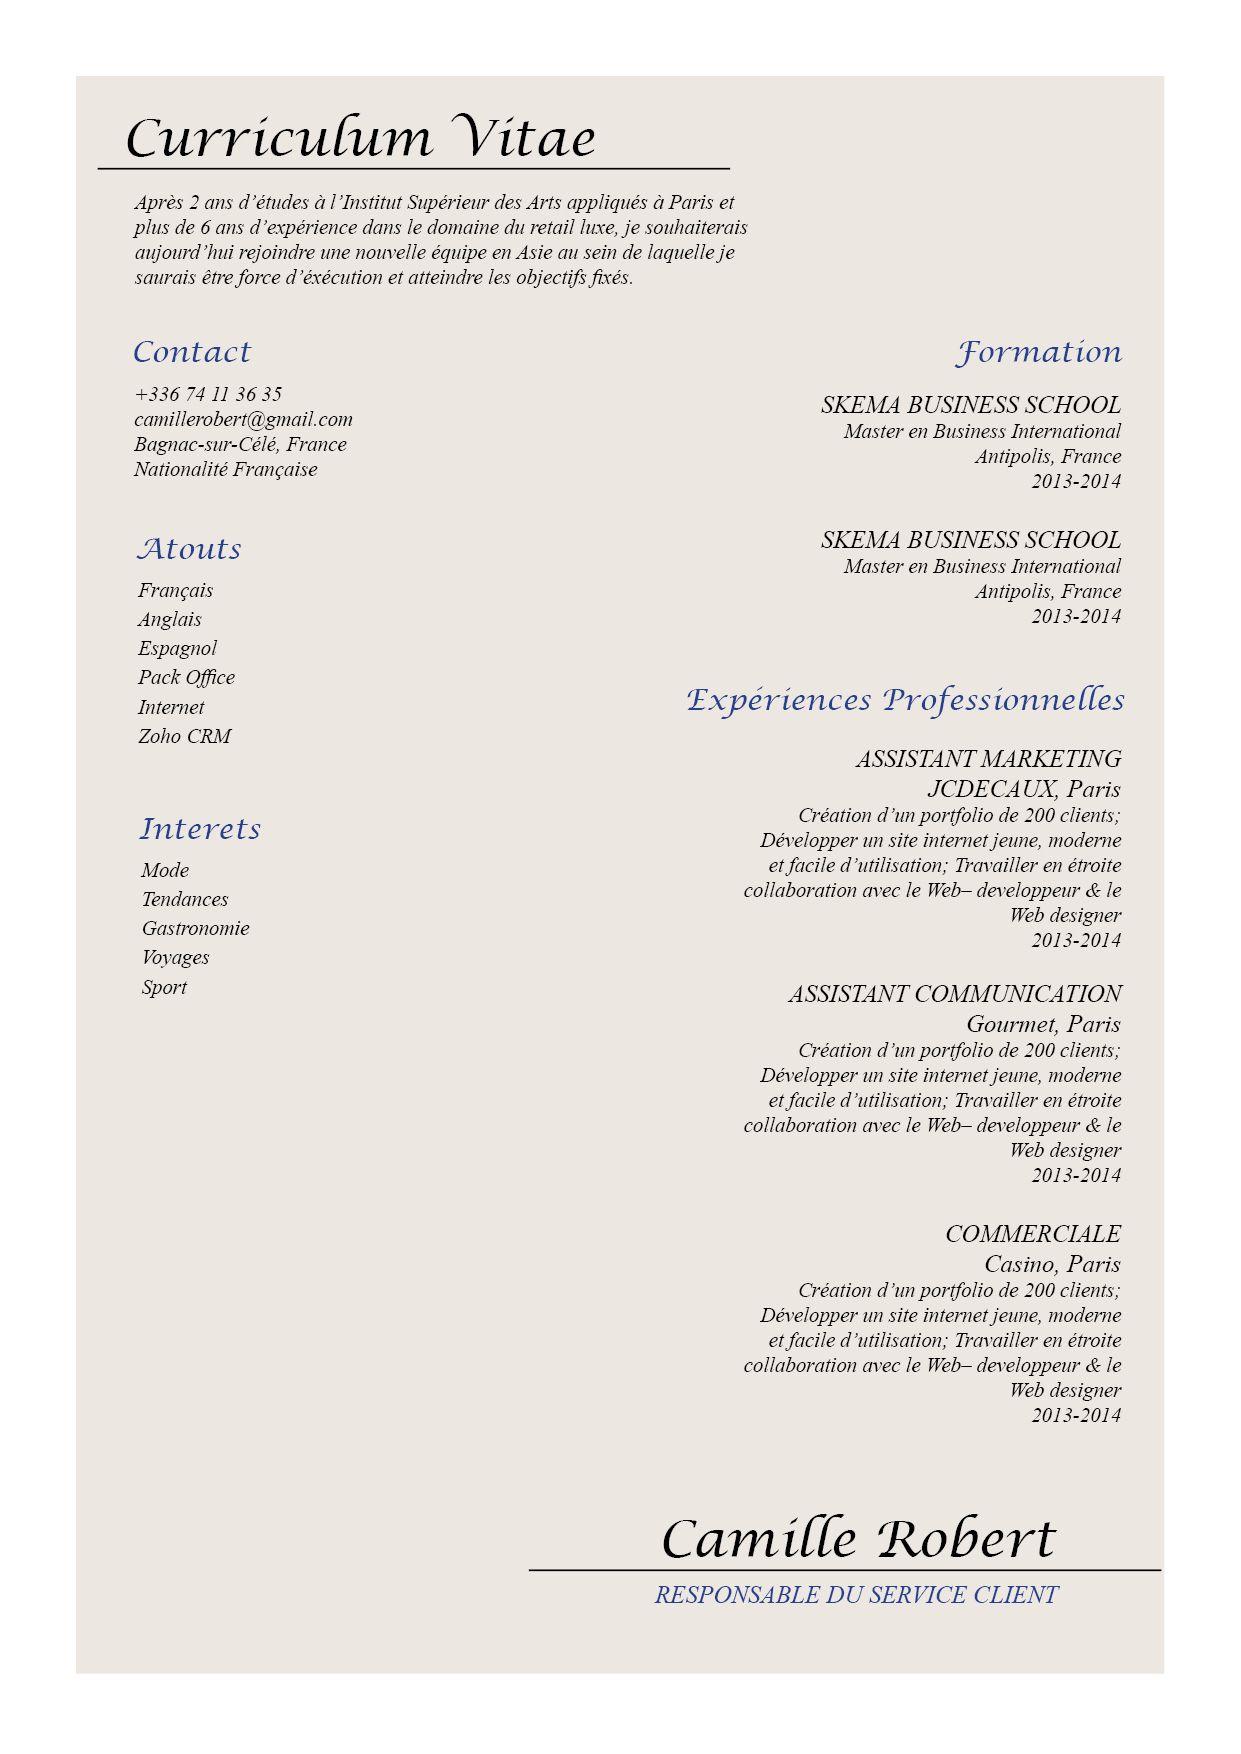 Attachant Un Cv Tout En Elegance Legerete Qui Rappelle Les Professions Dans L Hotellerie Exemple De Lettre De Motivation Modele De Cv Original Modele Cv